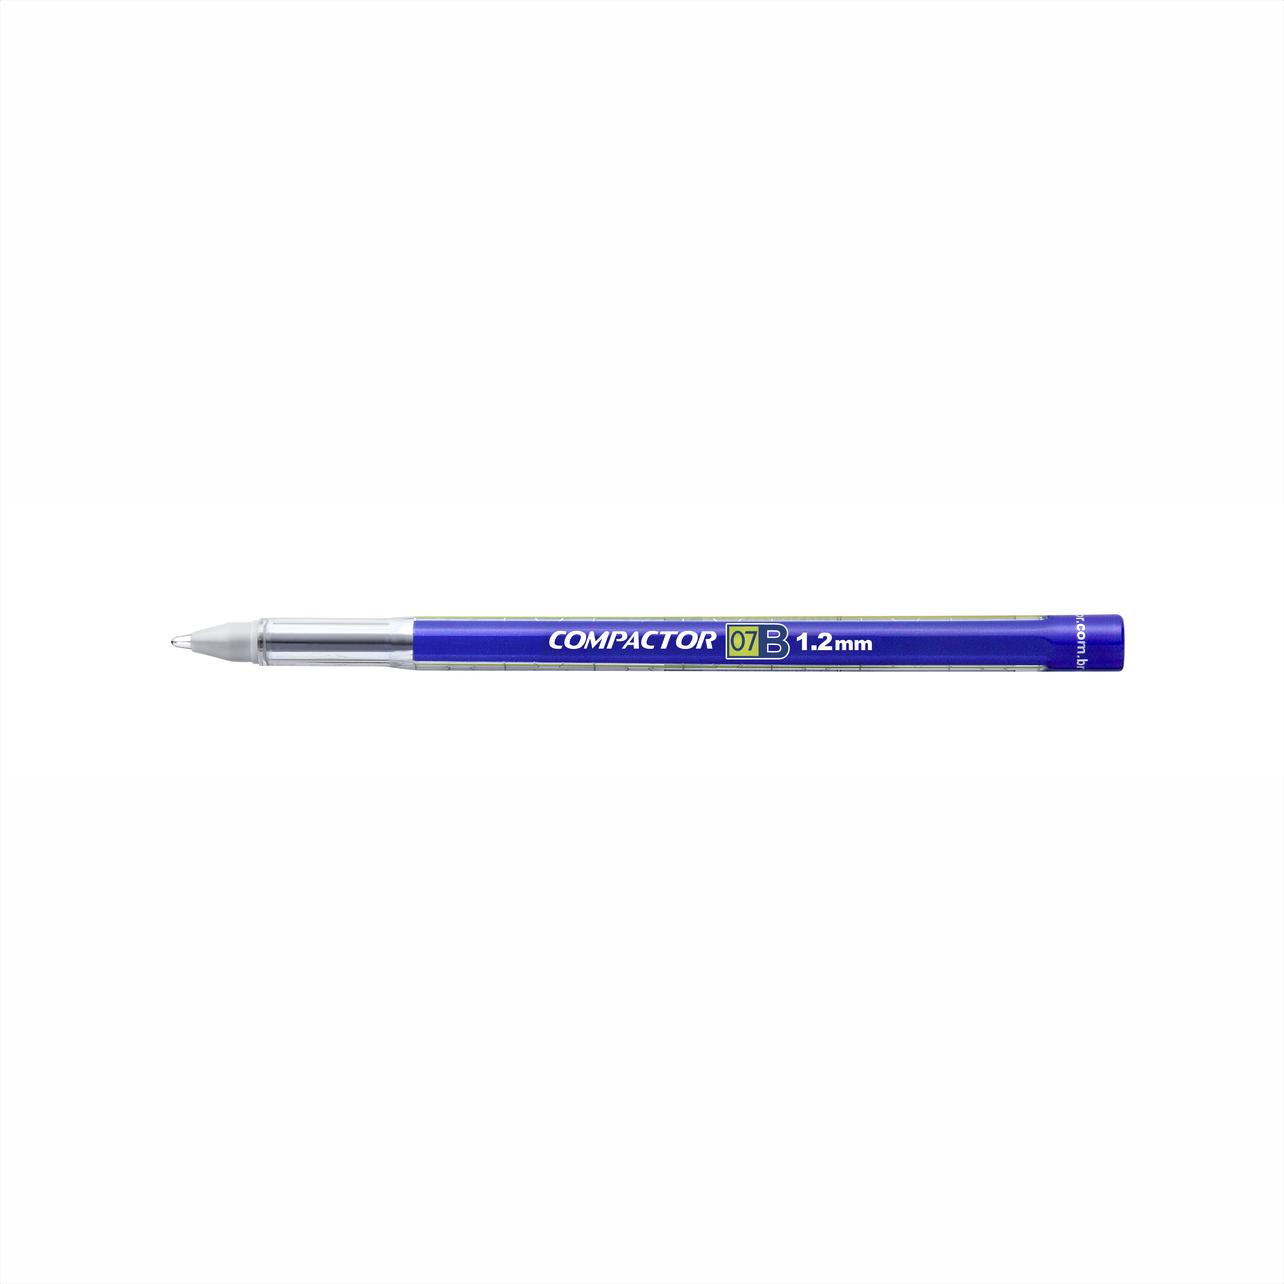 Caneta esferográfica 1.2 azul Compactor